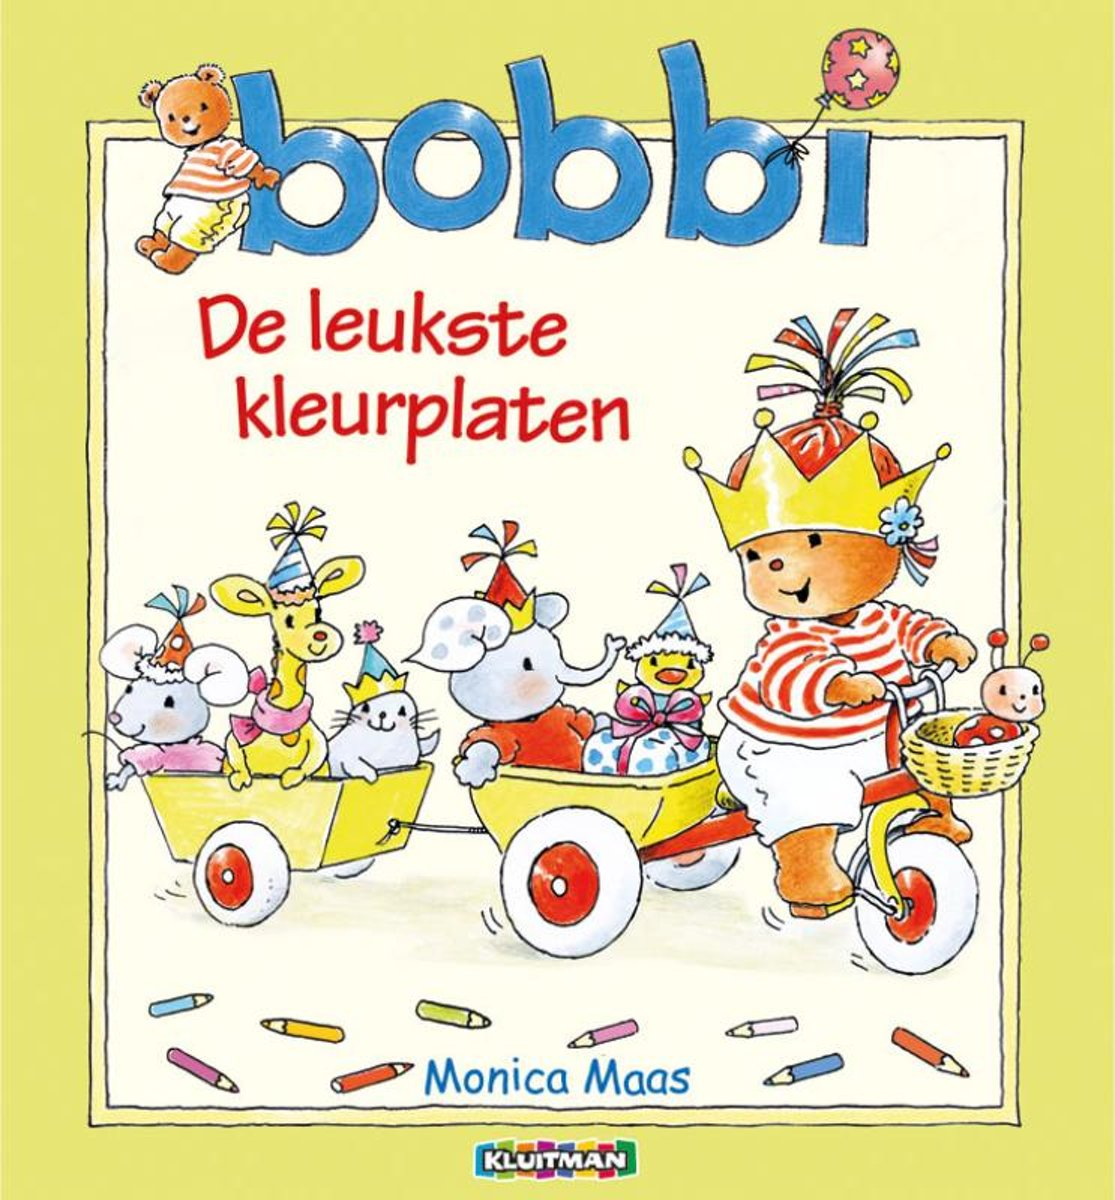 Kleurplaten Bobbi In De Herfst.Bol Com Bobbi Kleurboek Monica Maas 9789020684780 Boeken